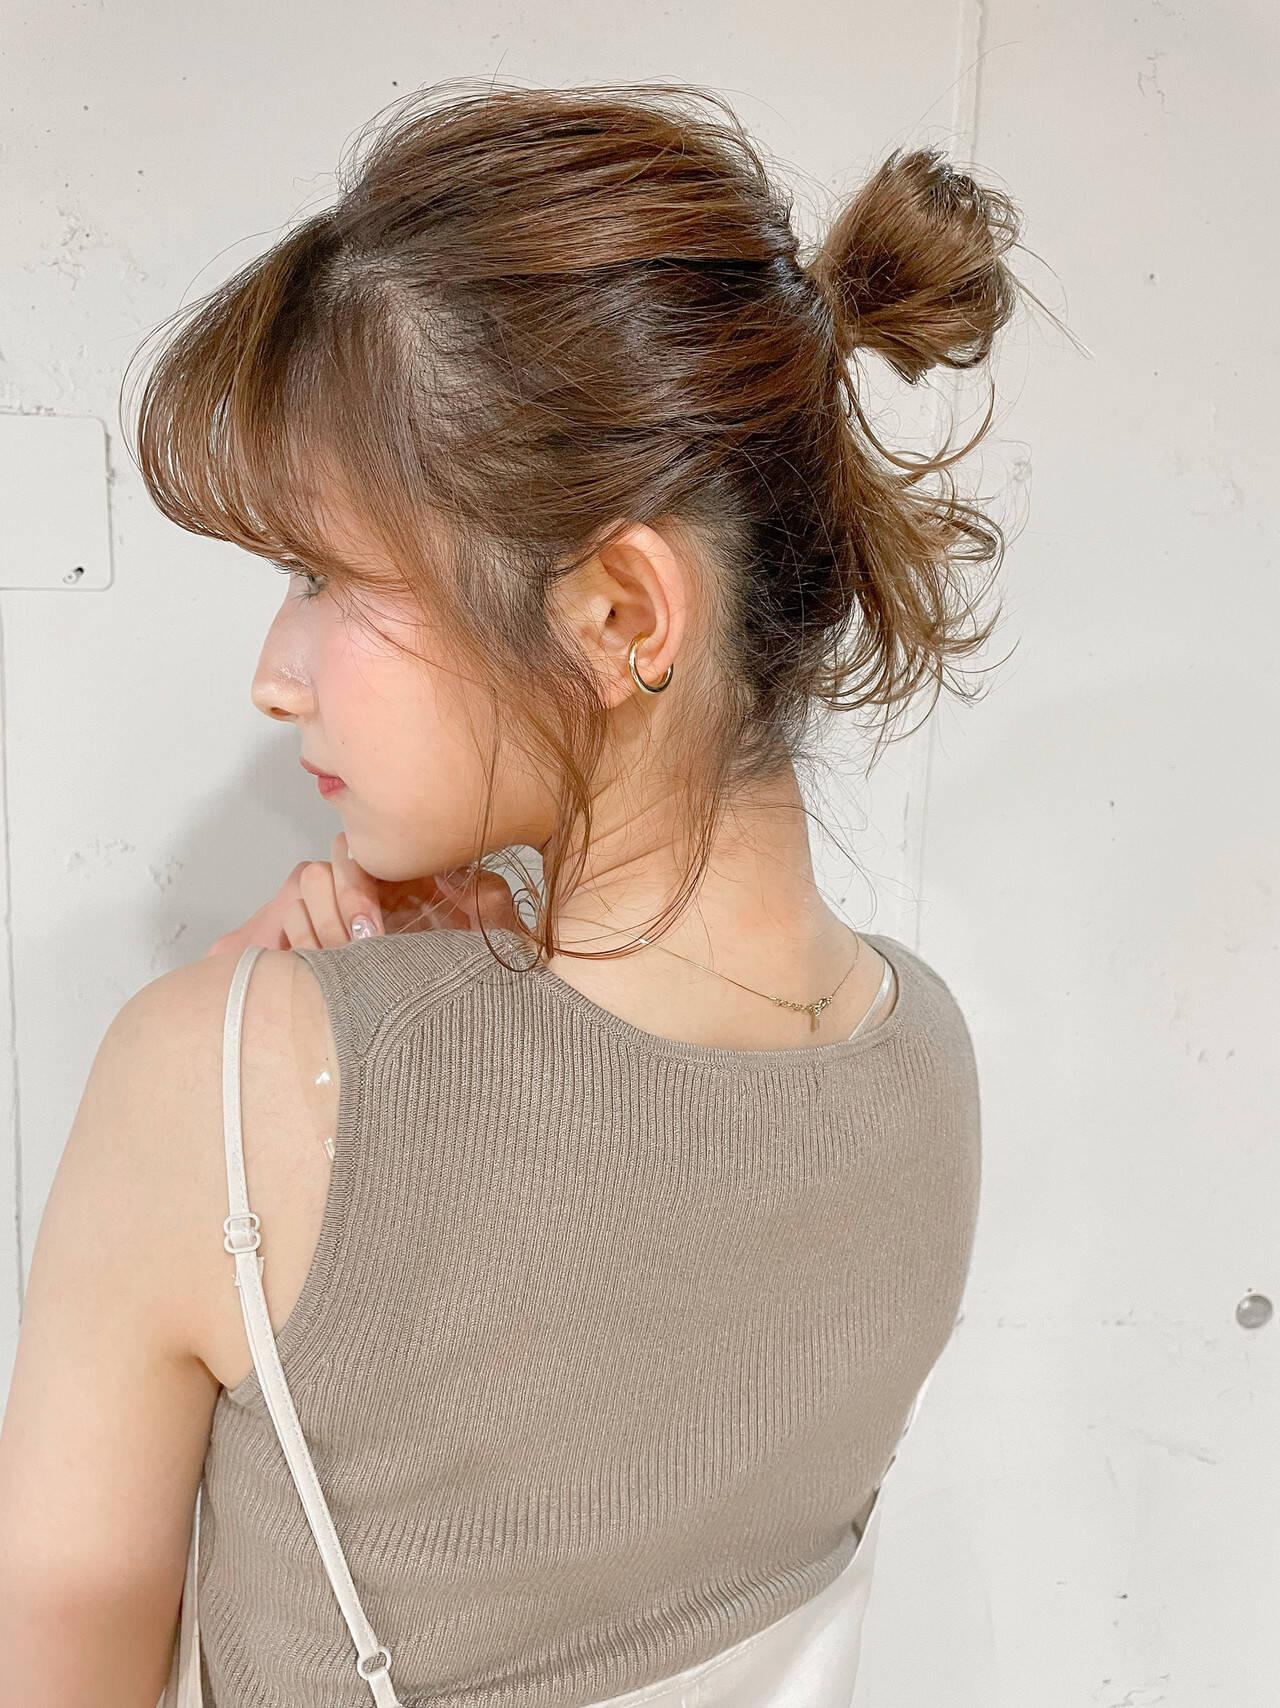 ショートヘアアレンジ セルフヘアアレンジ ヘアアレンジ ナチュラルヘアスタイルや髪型の写真・画像